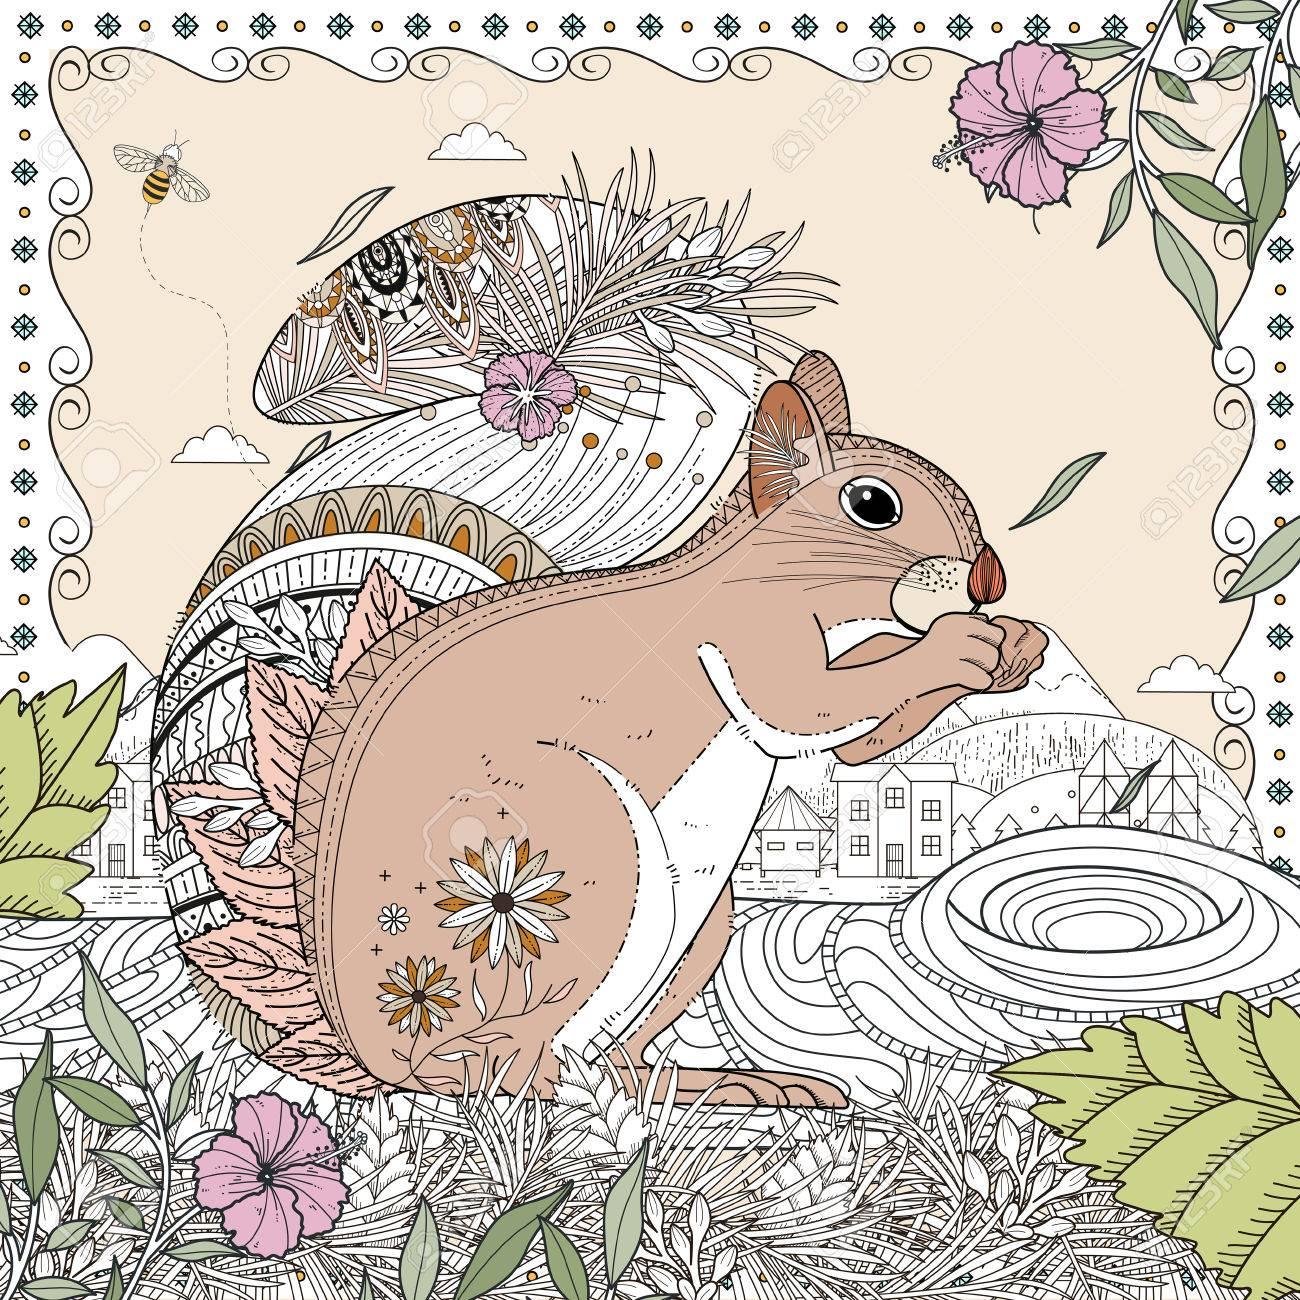 Adorable Eichhörnchen Ausmalbilder In Exquisite Linie Lizenzfrei